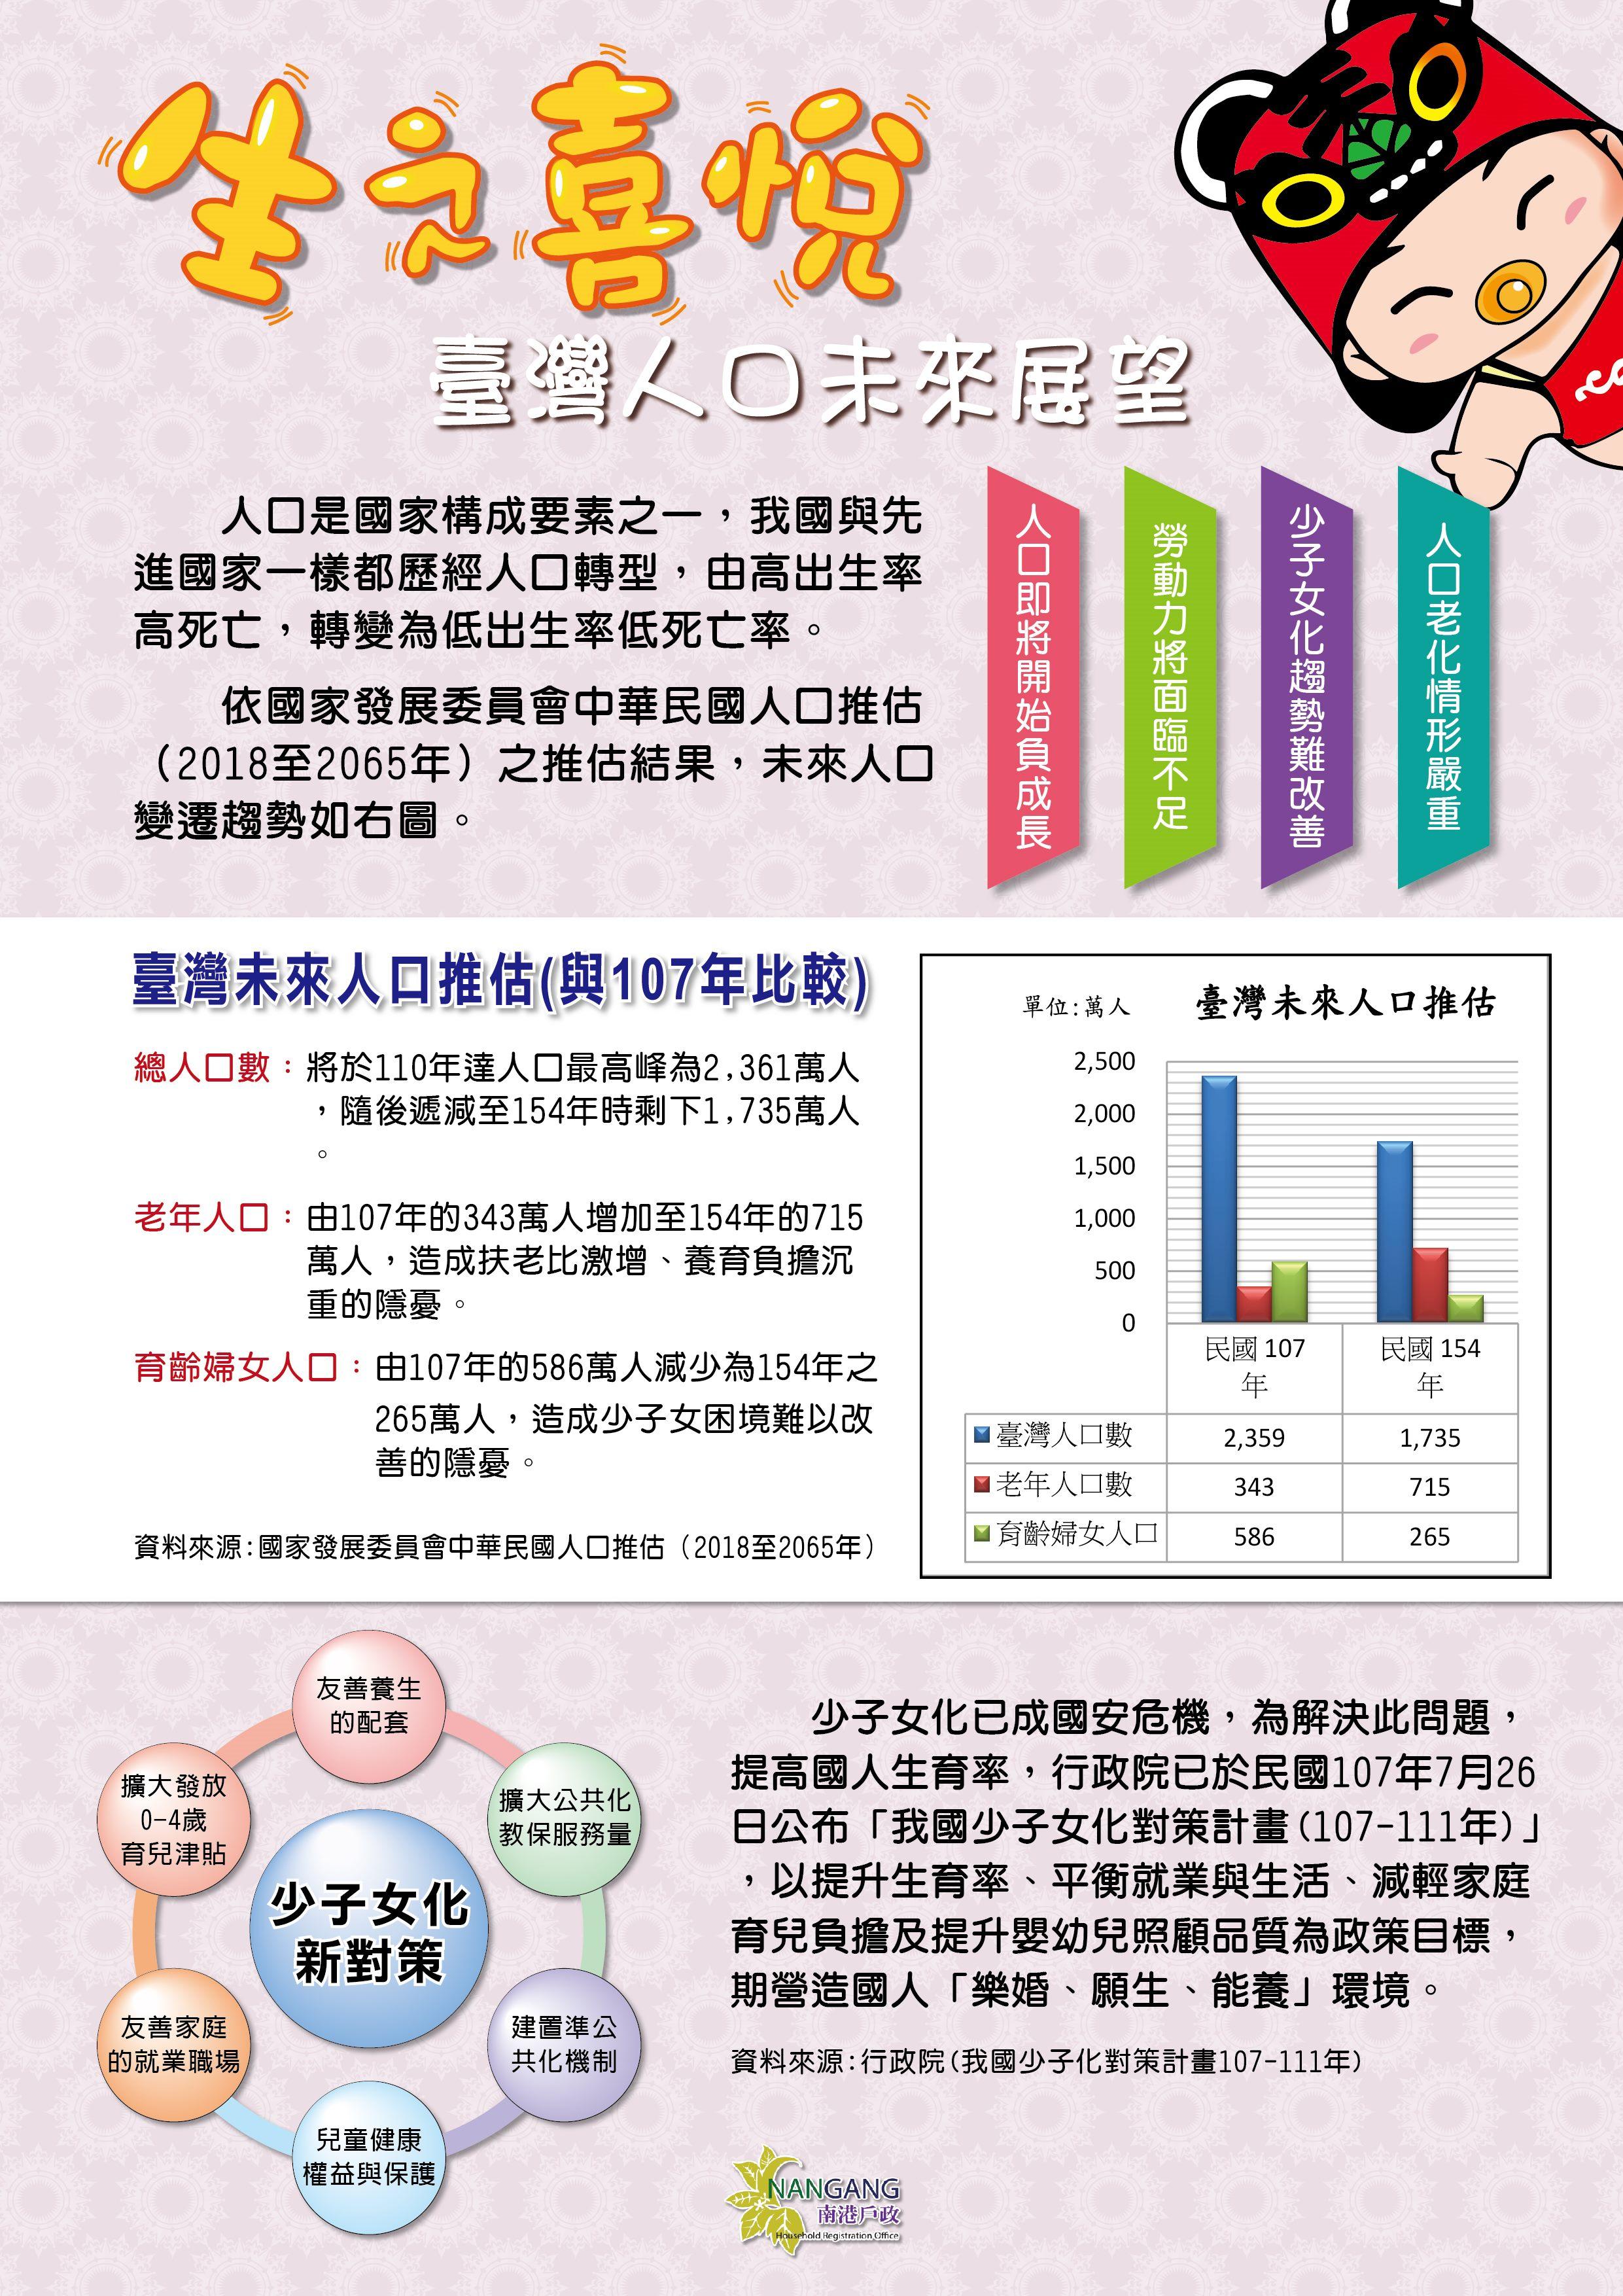 臺灣人口未來展望